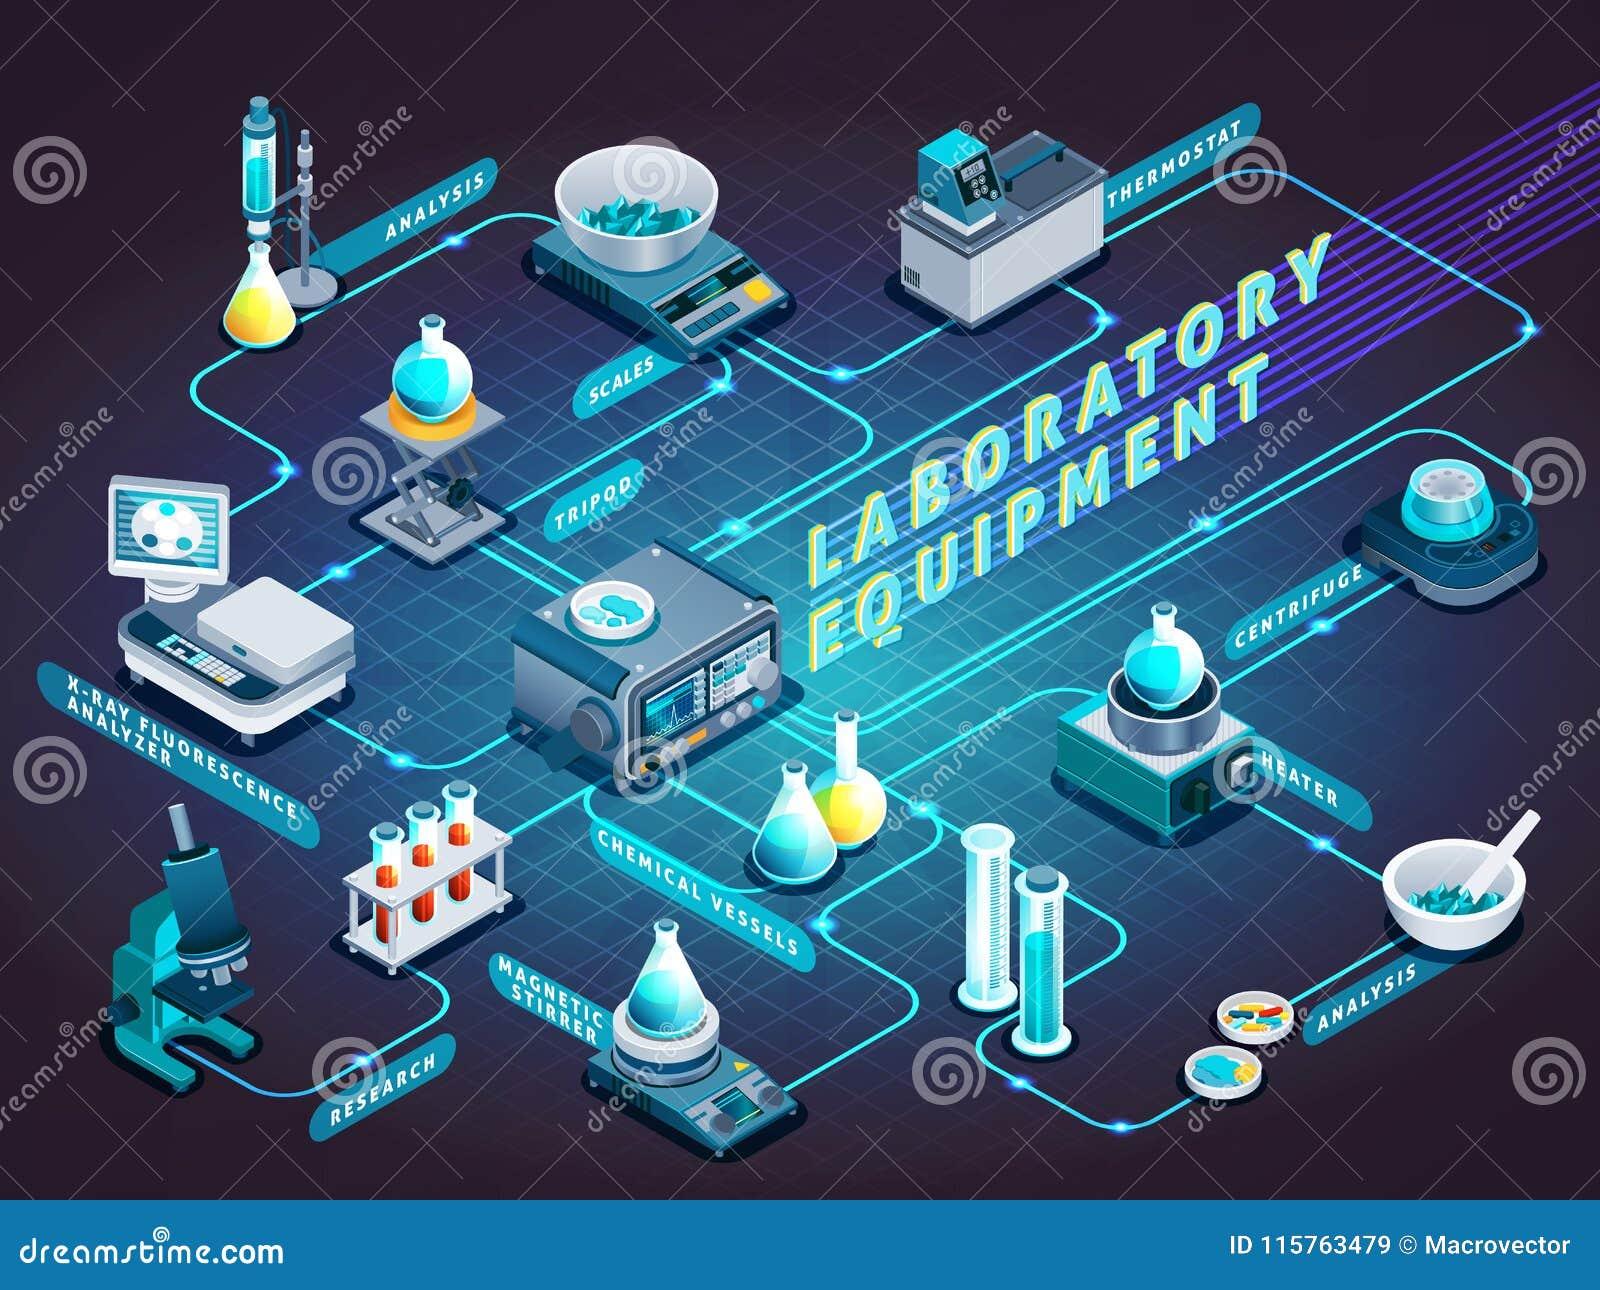 Isometric διάγραμμα ροής εργαστηριακού εξοπλισμού